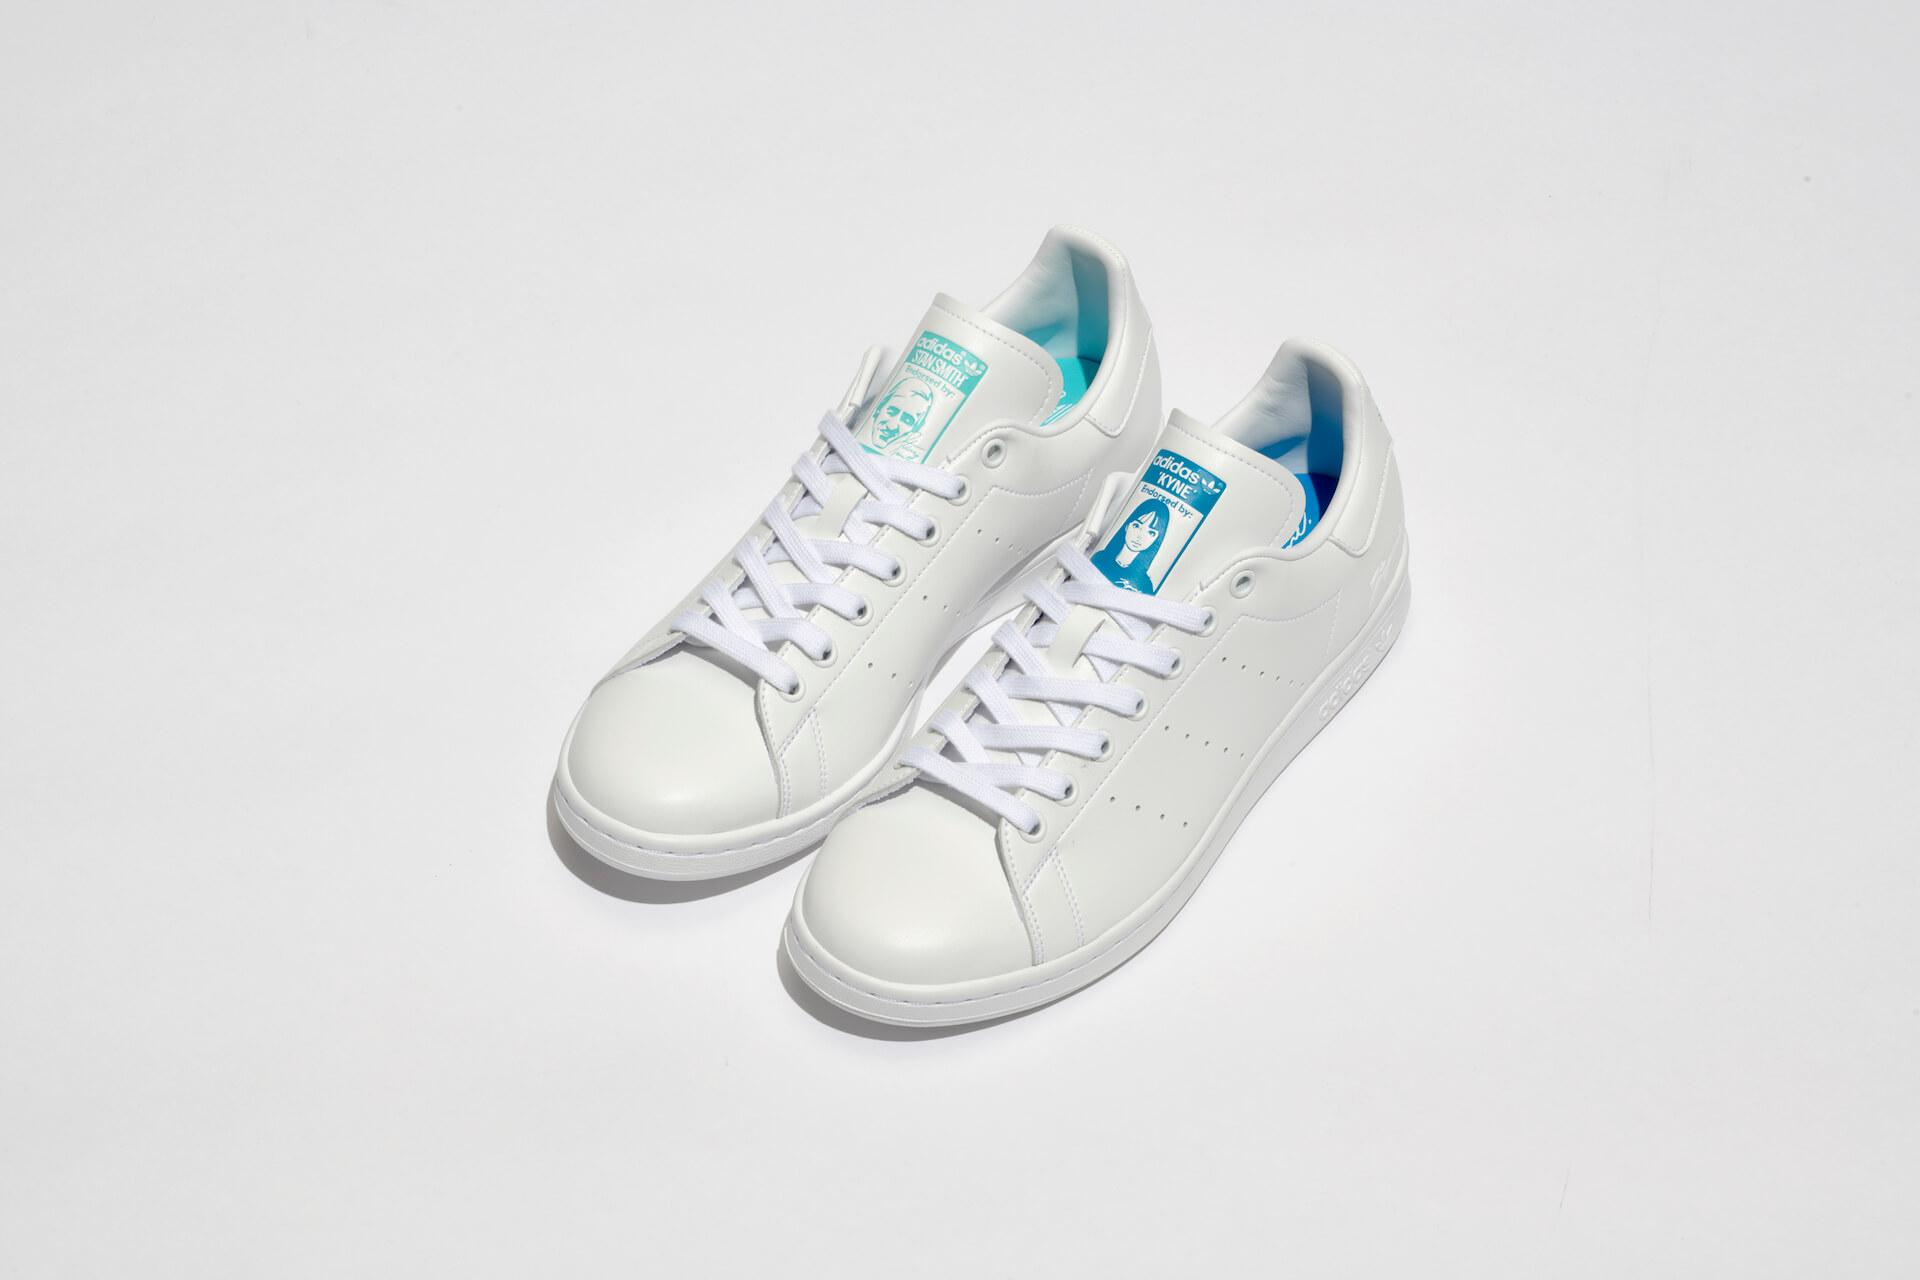 adidas OriginalsとKYNEのコラボが実現!STAN SMITH KYNEとグラフィックTが発売決定 life210607_adidasoriginals_kyne_9